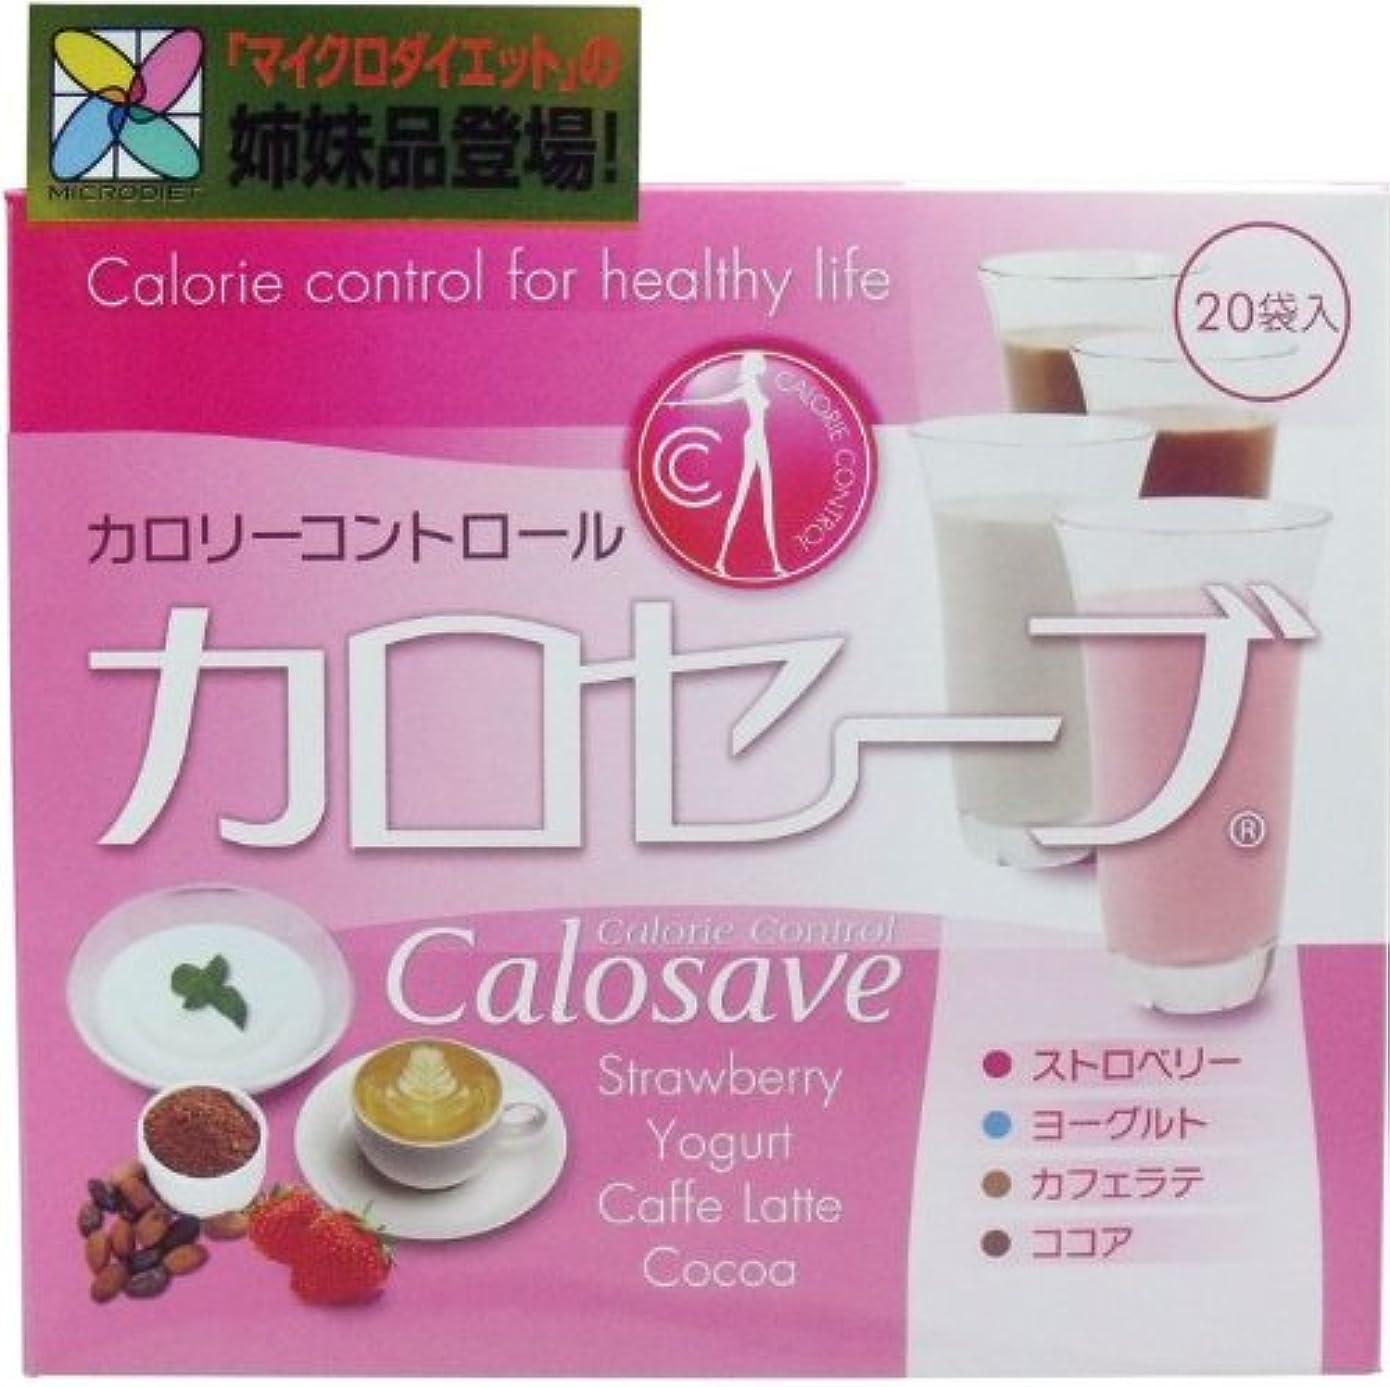 スーパーロータリークリーナーカロリーコントロール カロセーブ 20袋入【2個セット】